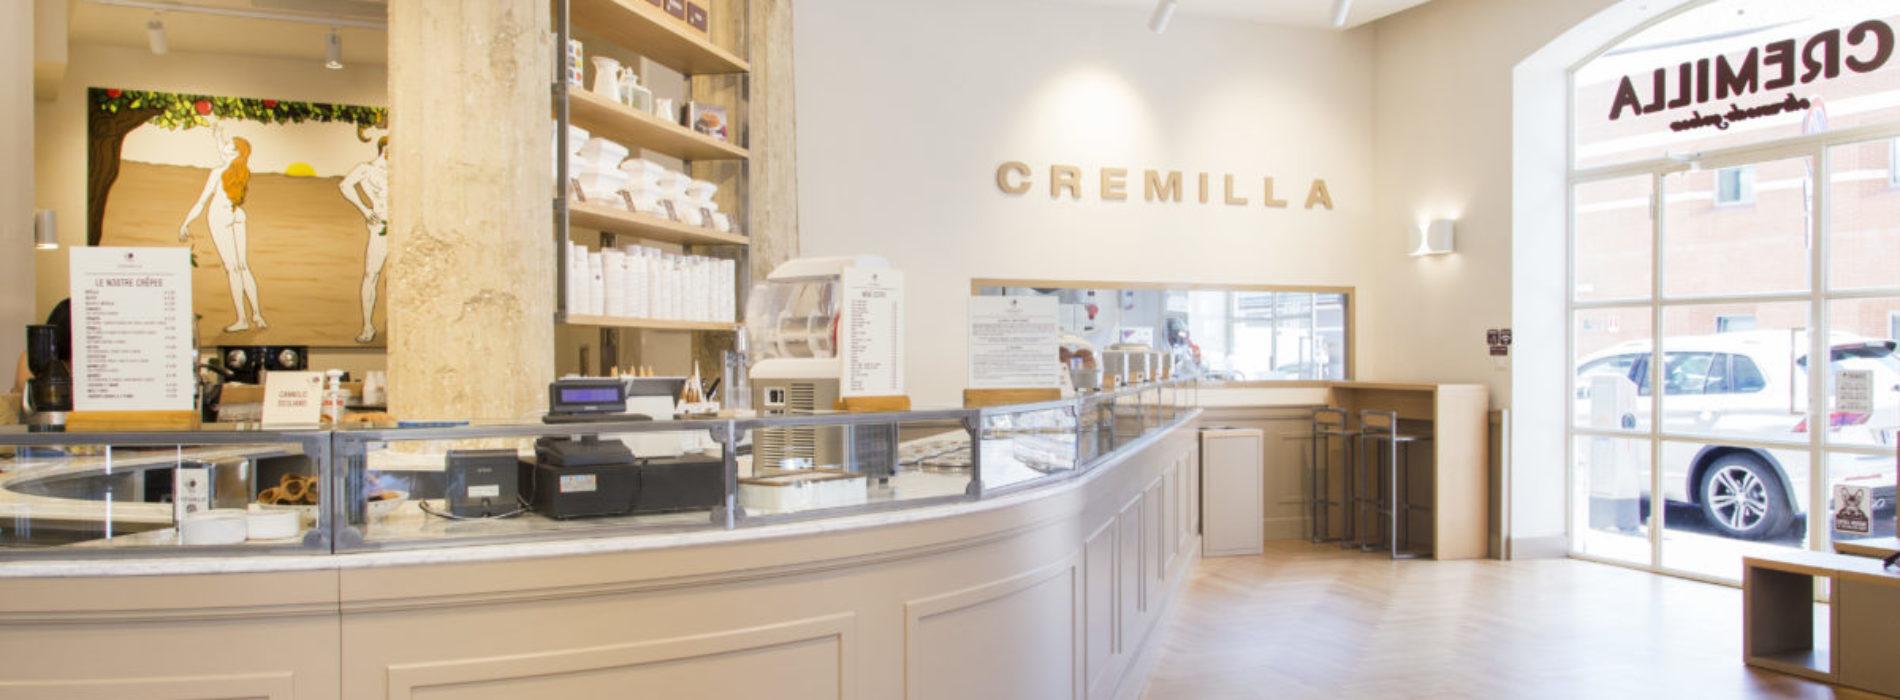 Gelateria Cremilla Roma apre a Prati dopo il Mercato centrale con laboratorio a vista, pasticceria e street art